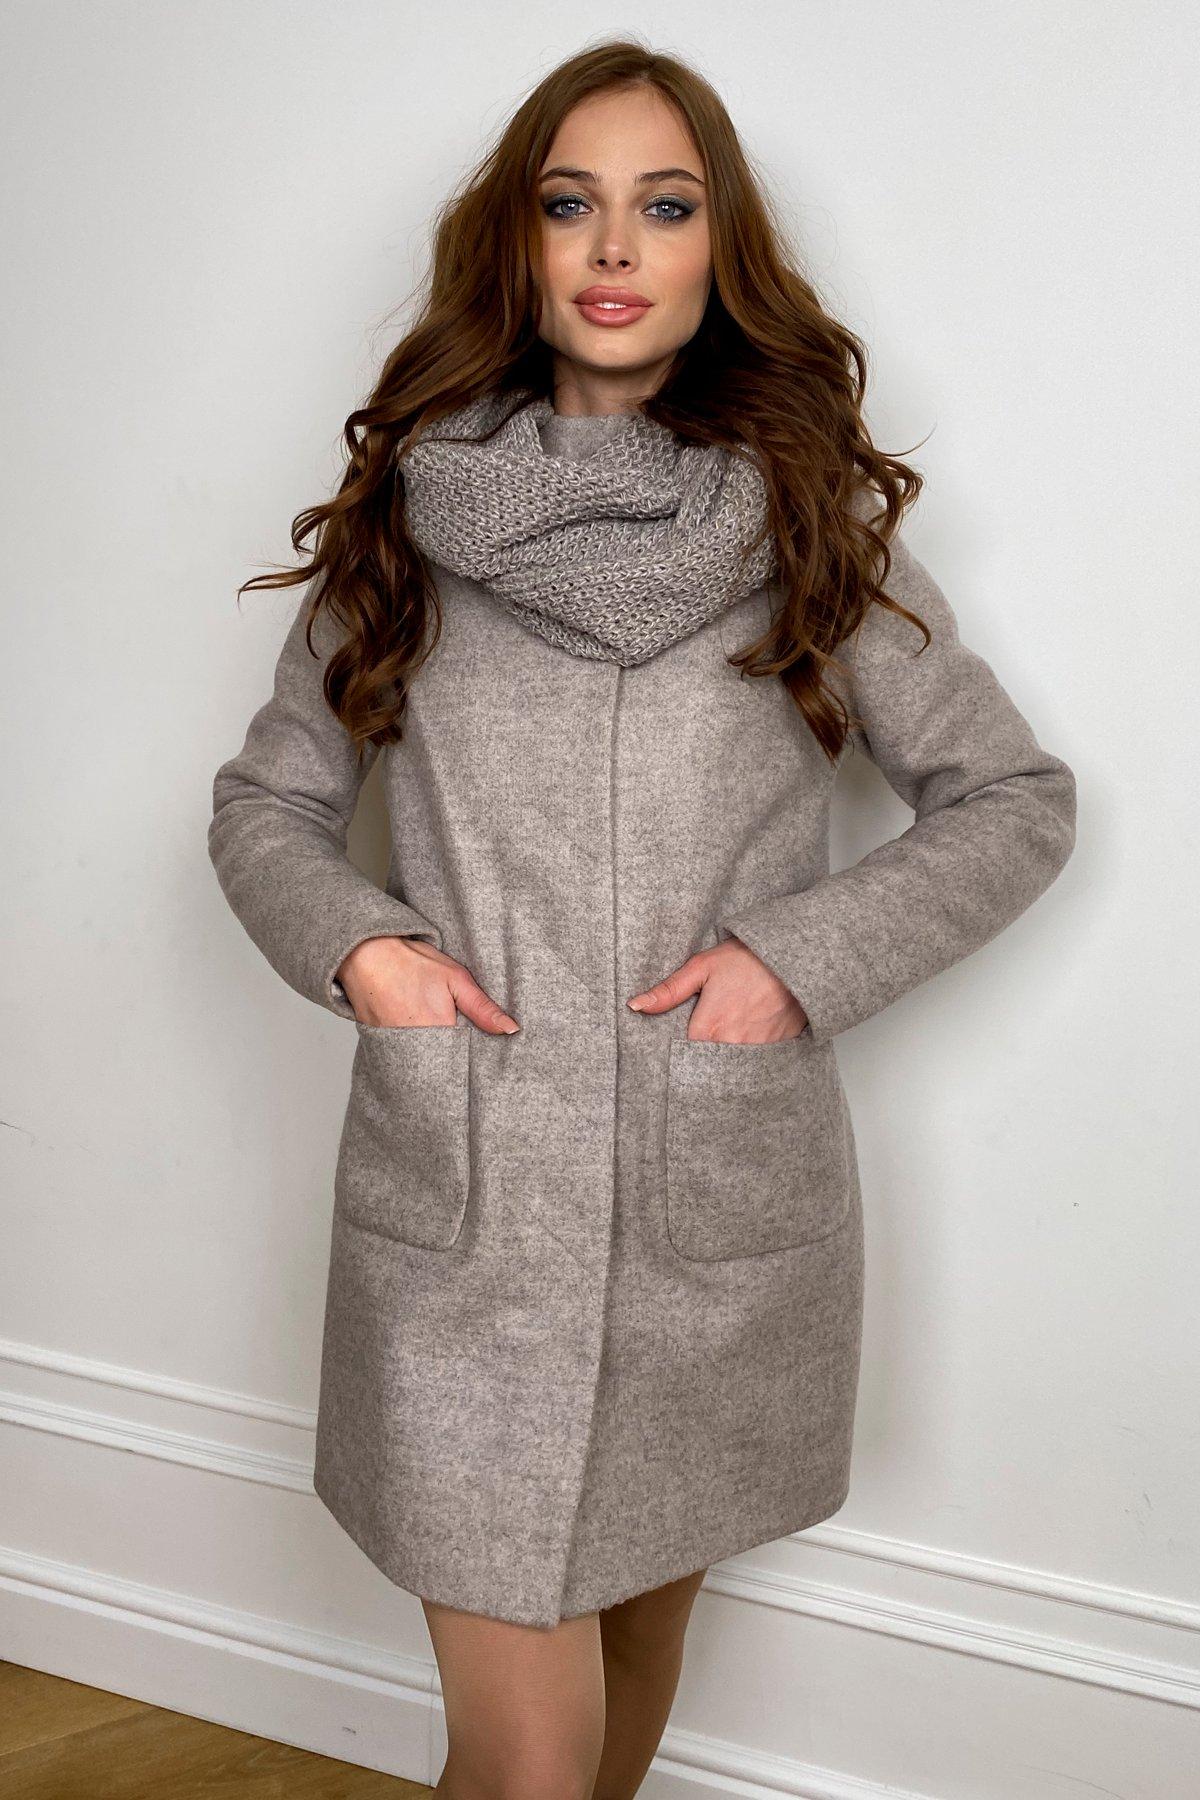 Пальто зима с хомутом Мелини 5644 АРТ. 38206 Цвет: Бежевый 31 - фото 5, интернет магазин tm-modus.ru